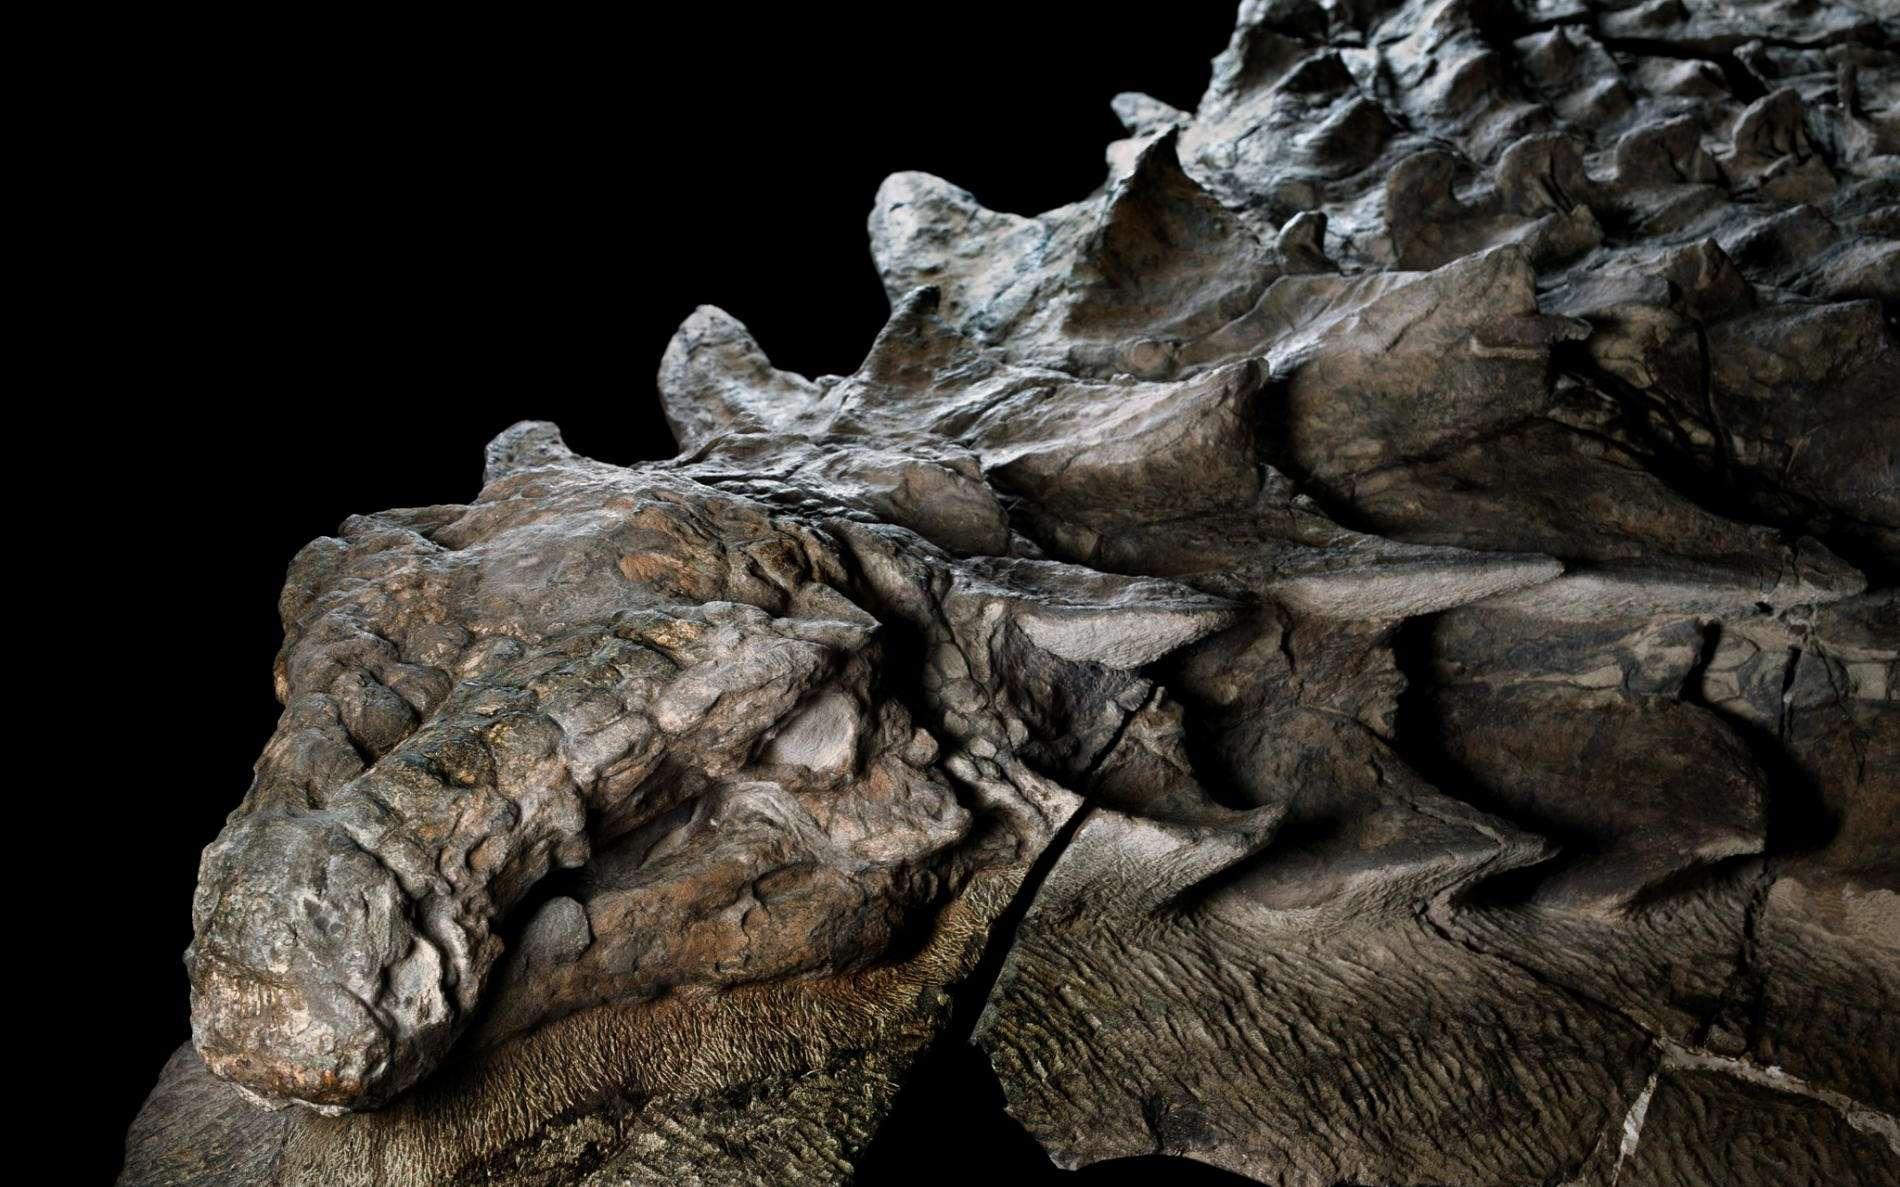 Une tête complète, des écailles semblant presque intactes : l'état de conservation de ce nodosaure retrouvé dans une mine est surprenant. L'animal est probablement mort noyé dans une inondation soudaine, il y a plus 110 millions d'années. © National Geographic, Royal Tyrrell Museum